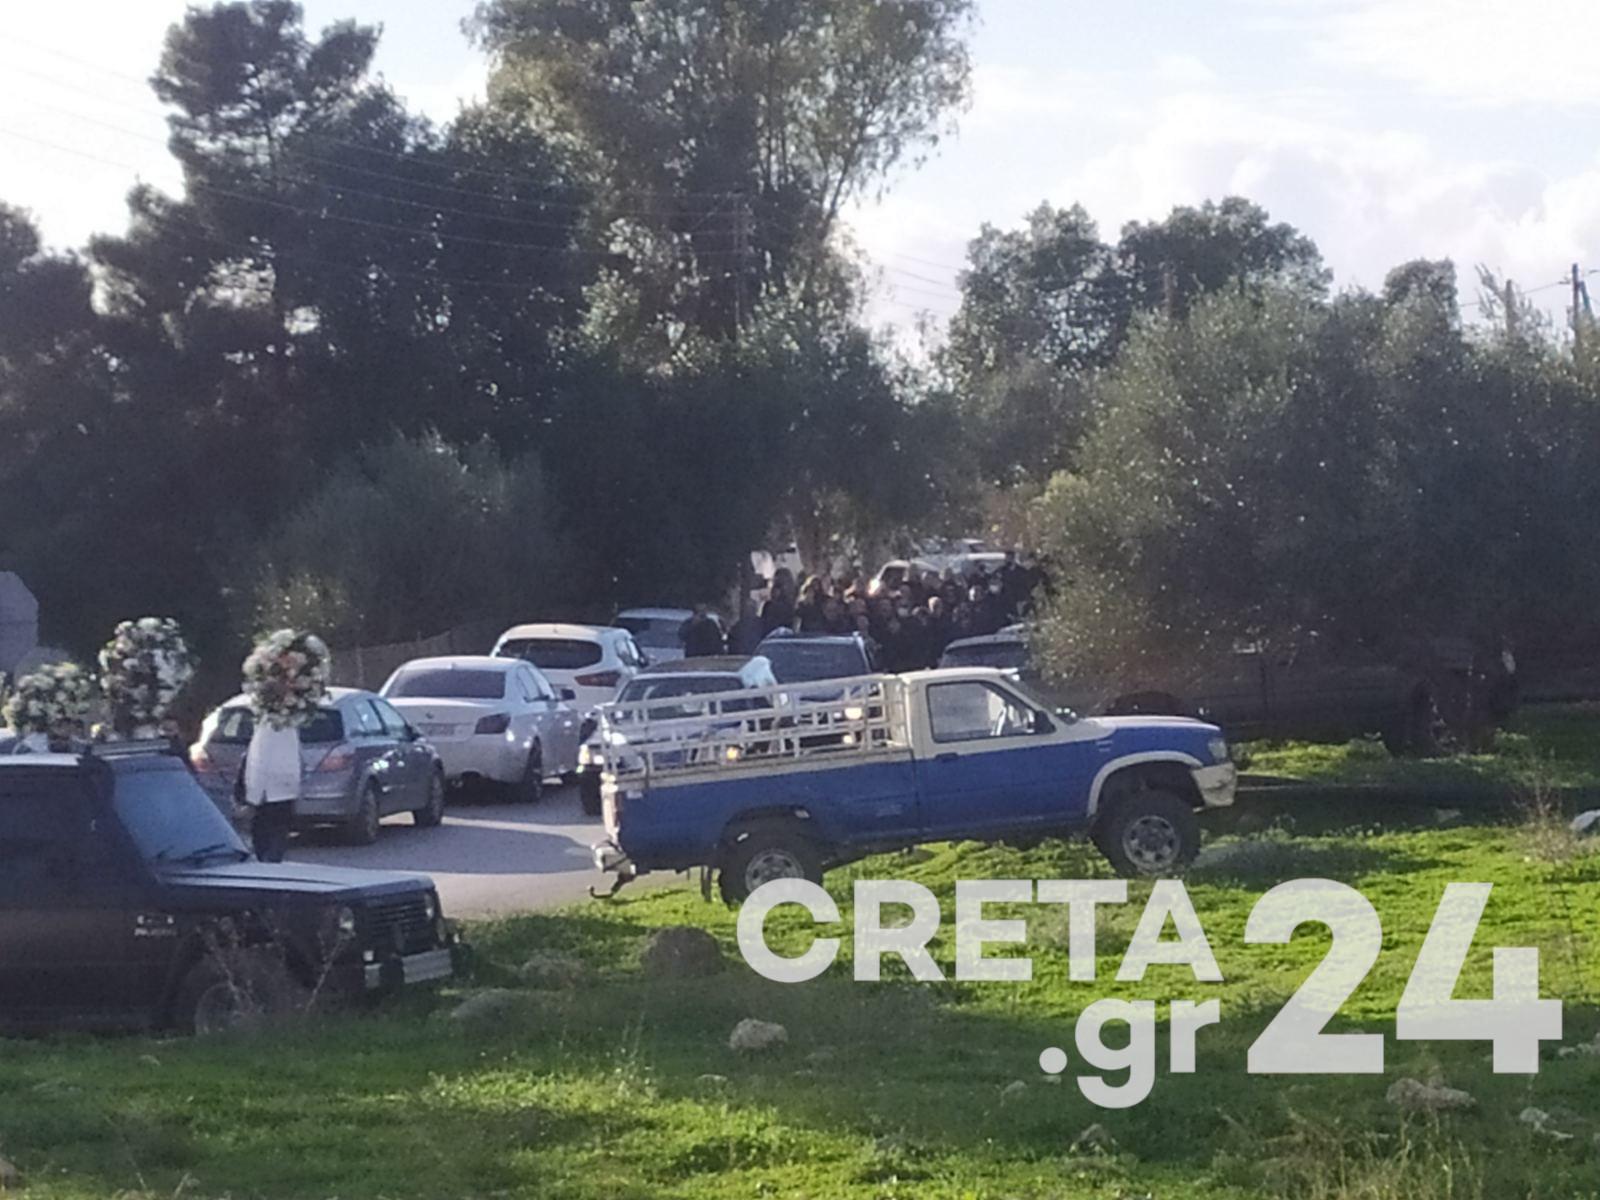 Ηράκλειο: Σκηνές αρχαίας τραγωδίας στην κηδεία μάνας και κόρης που «έσβησαν» στην άσφαλτο (pics)